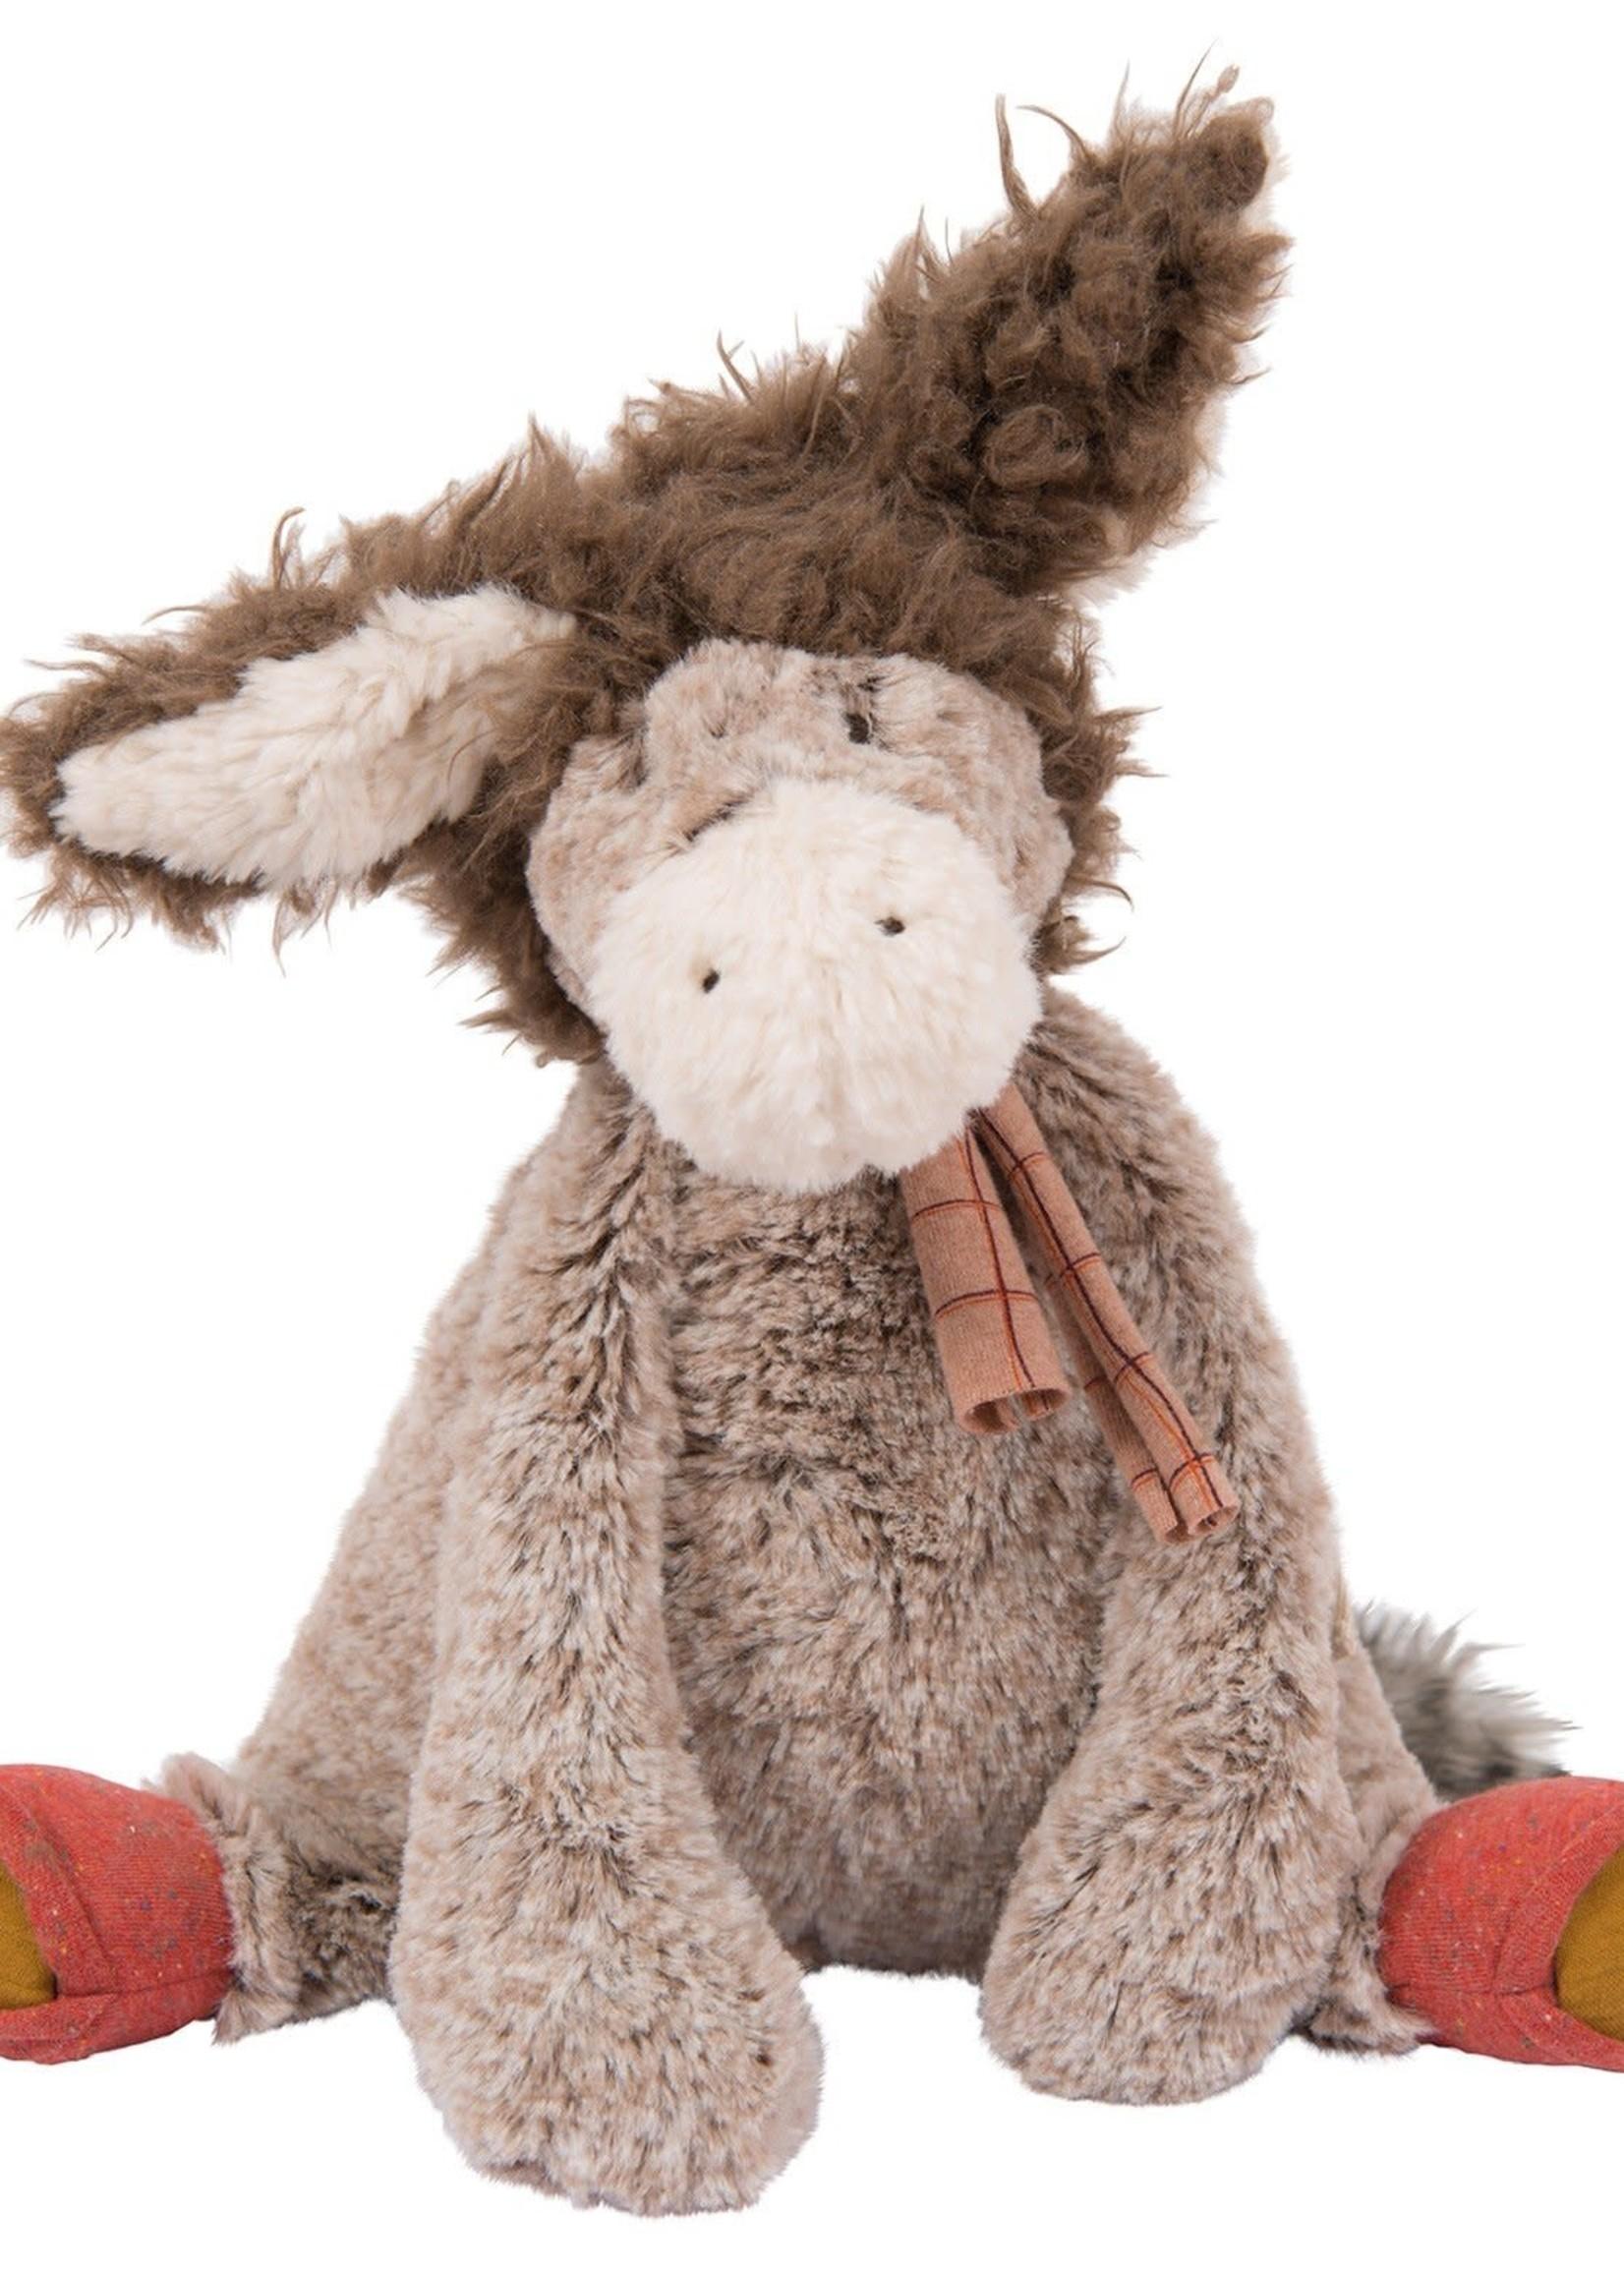 Moulin Roty Moulin Roty Jojo the Donkey Soft Toy